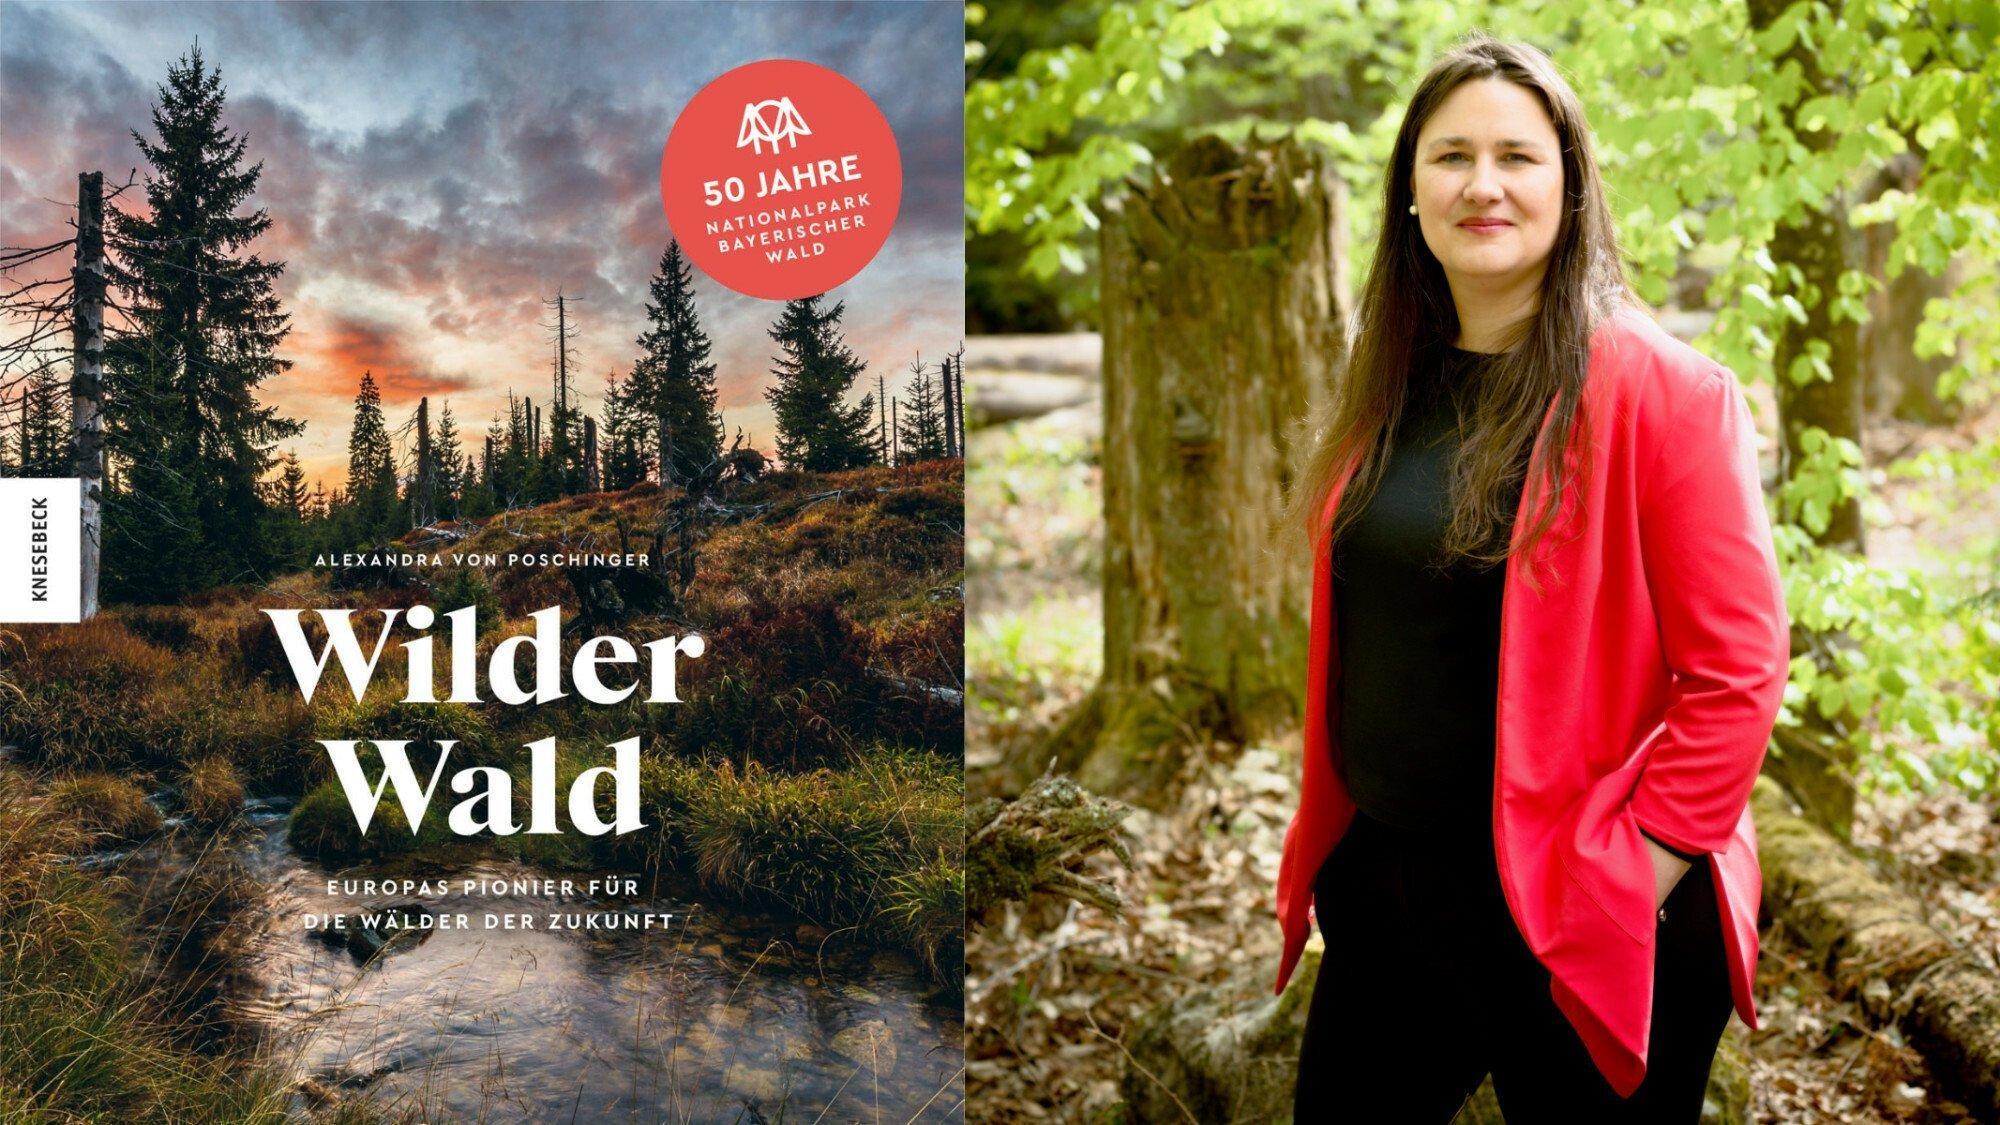 """Montage: Links: Titelbild des Buchs """"Wilder Wald"""" aus dem Knesebeck-Verlag. Rechts: Autorin Alexandra von Ploschinger im Wald."""